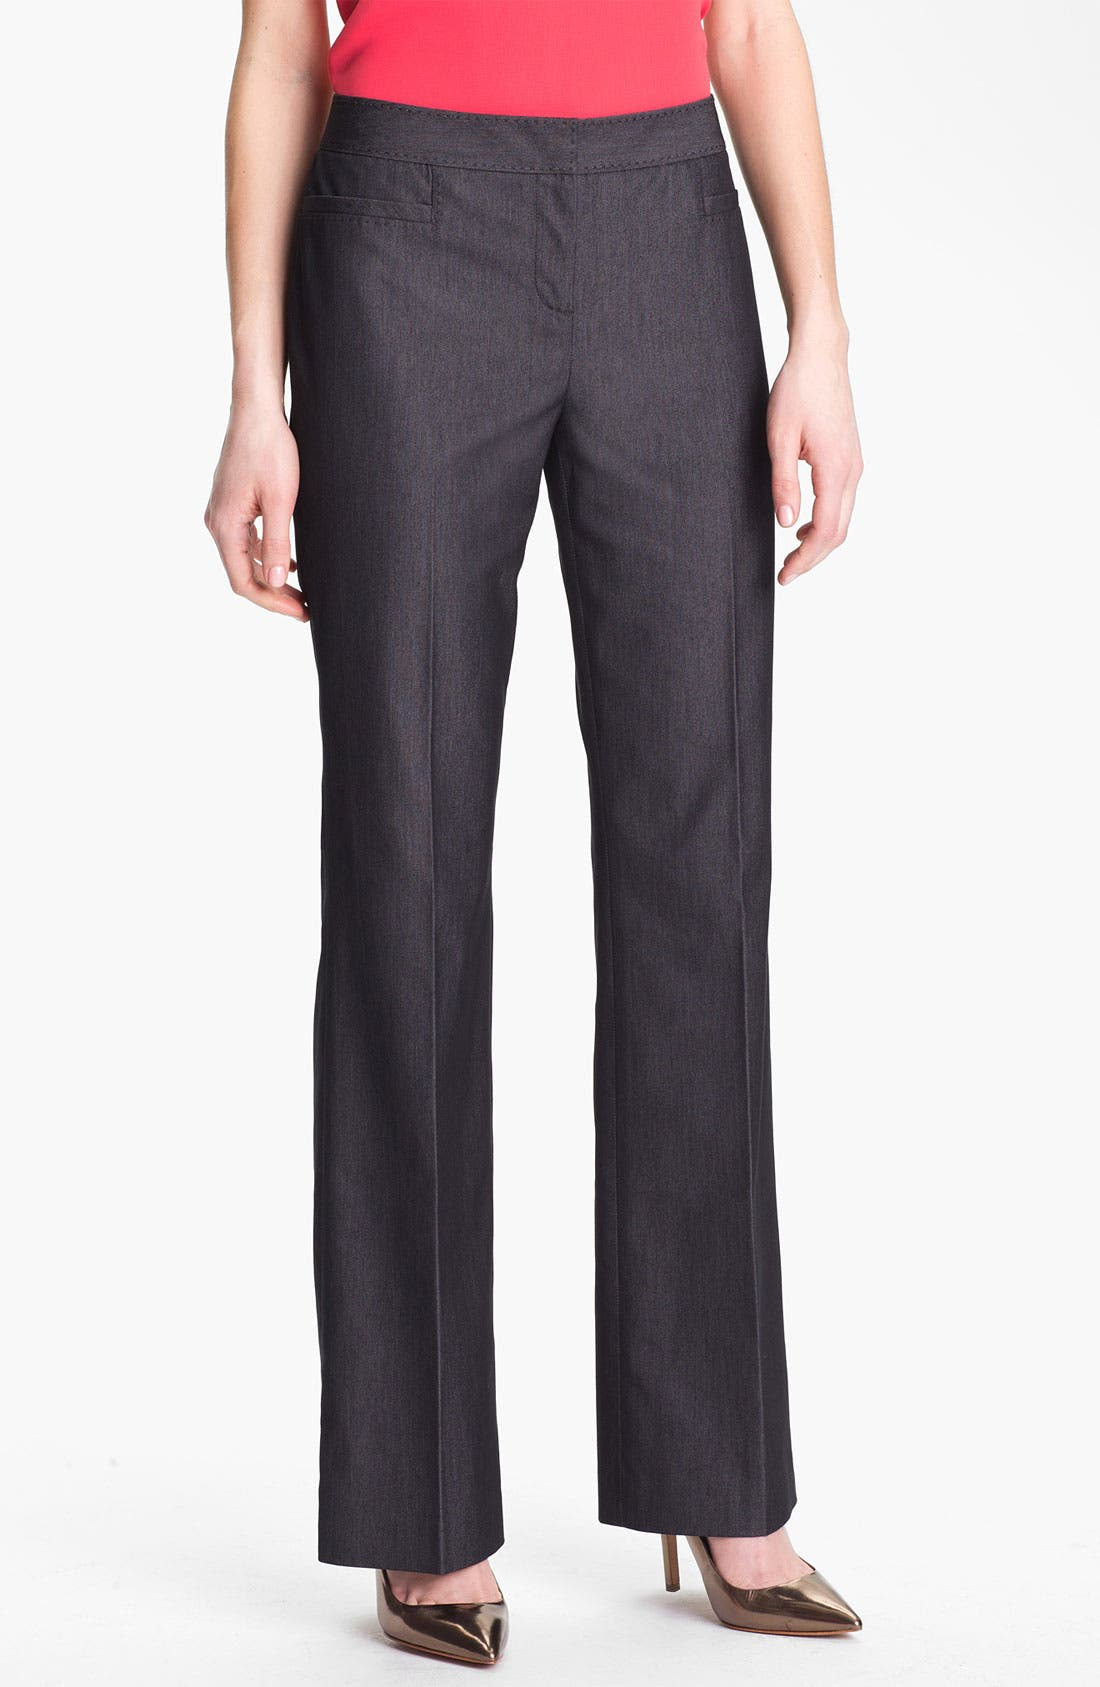 Alternate Image 1 Selected - Halogen® 'Taylor' Curvy Fit Black Denim Pants